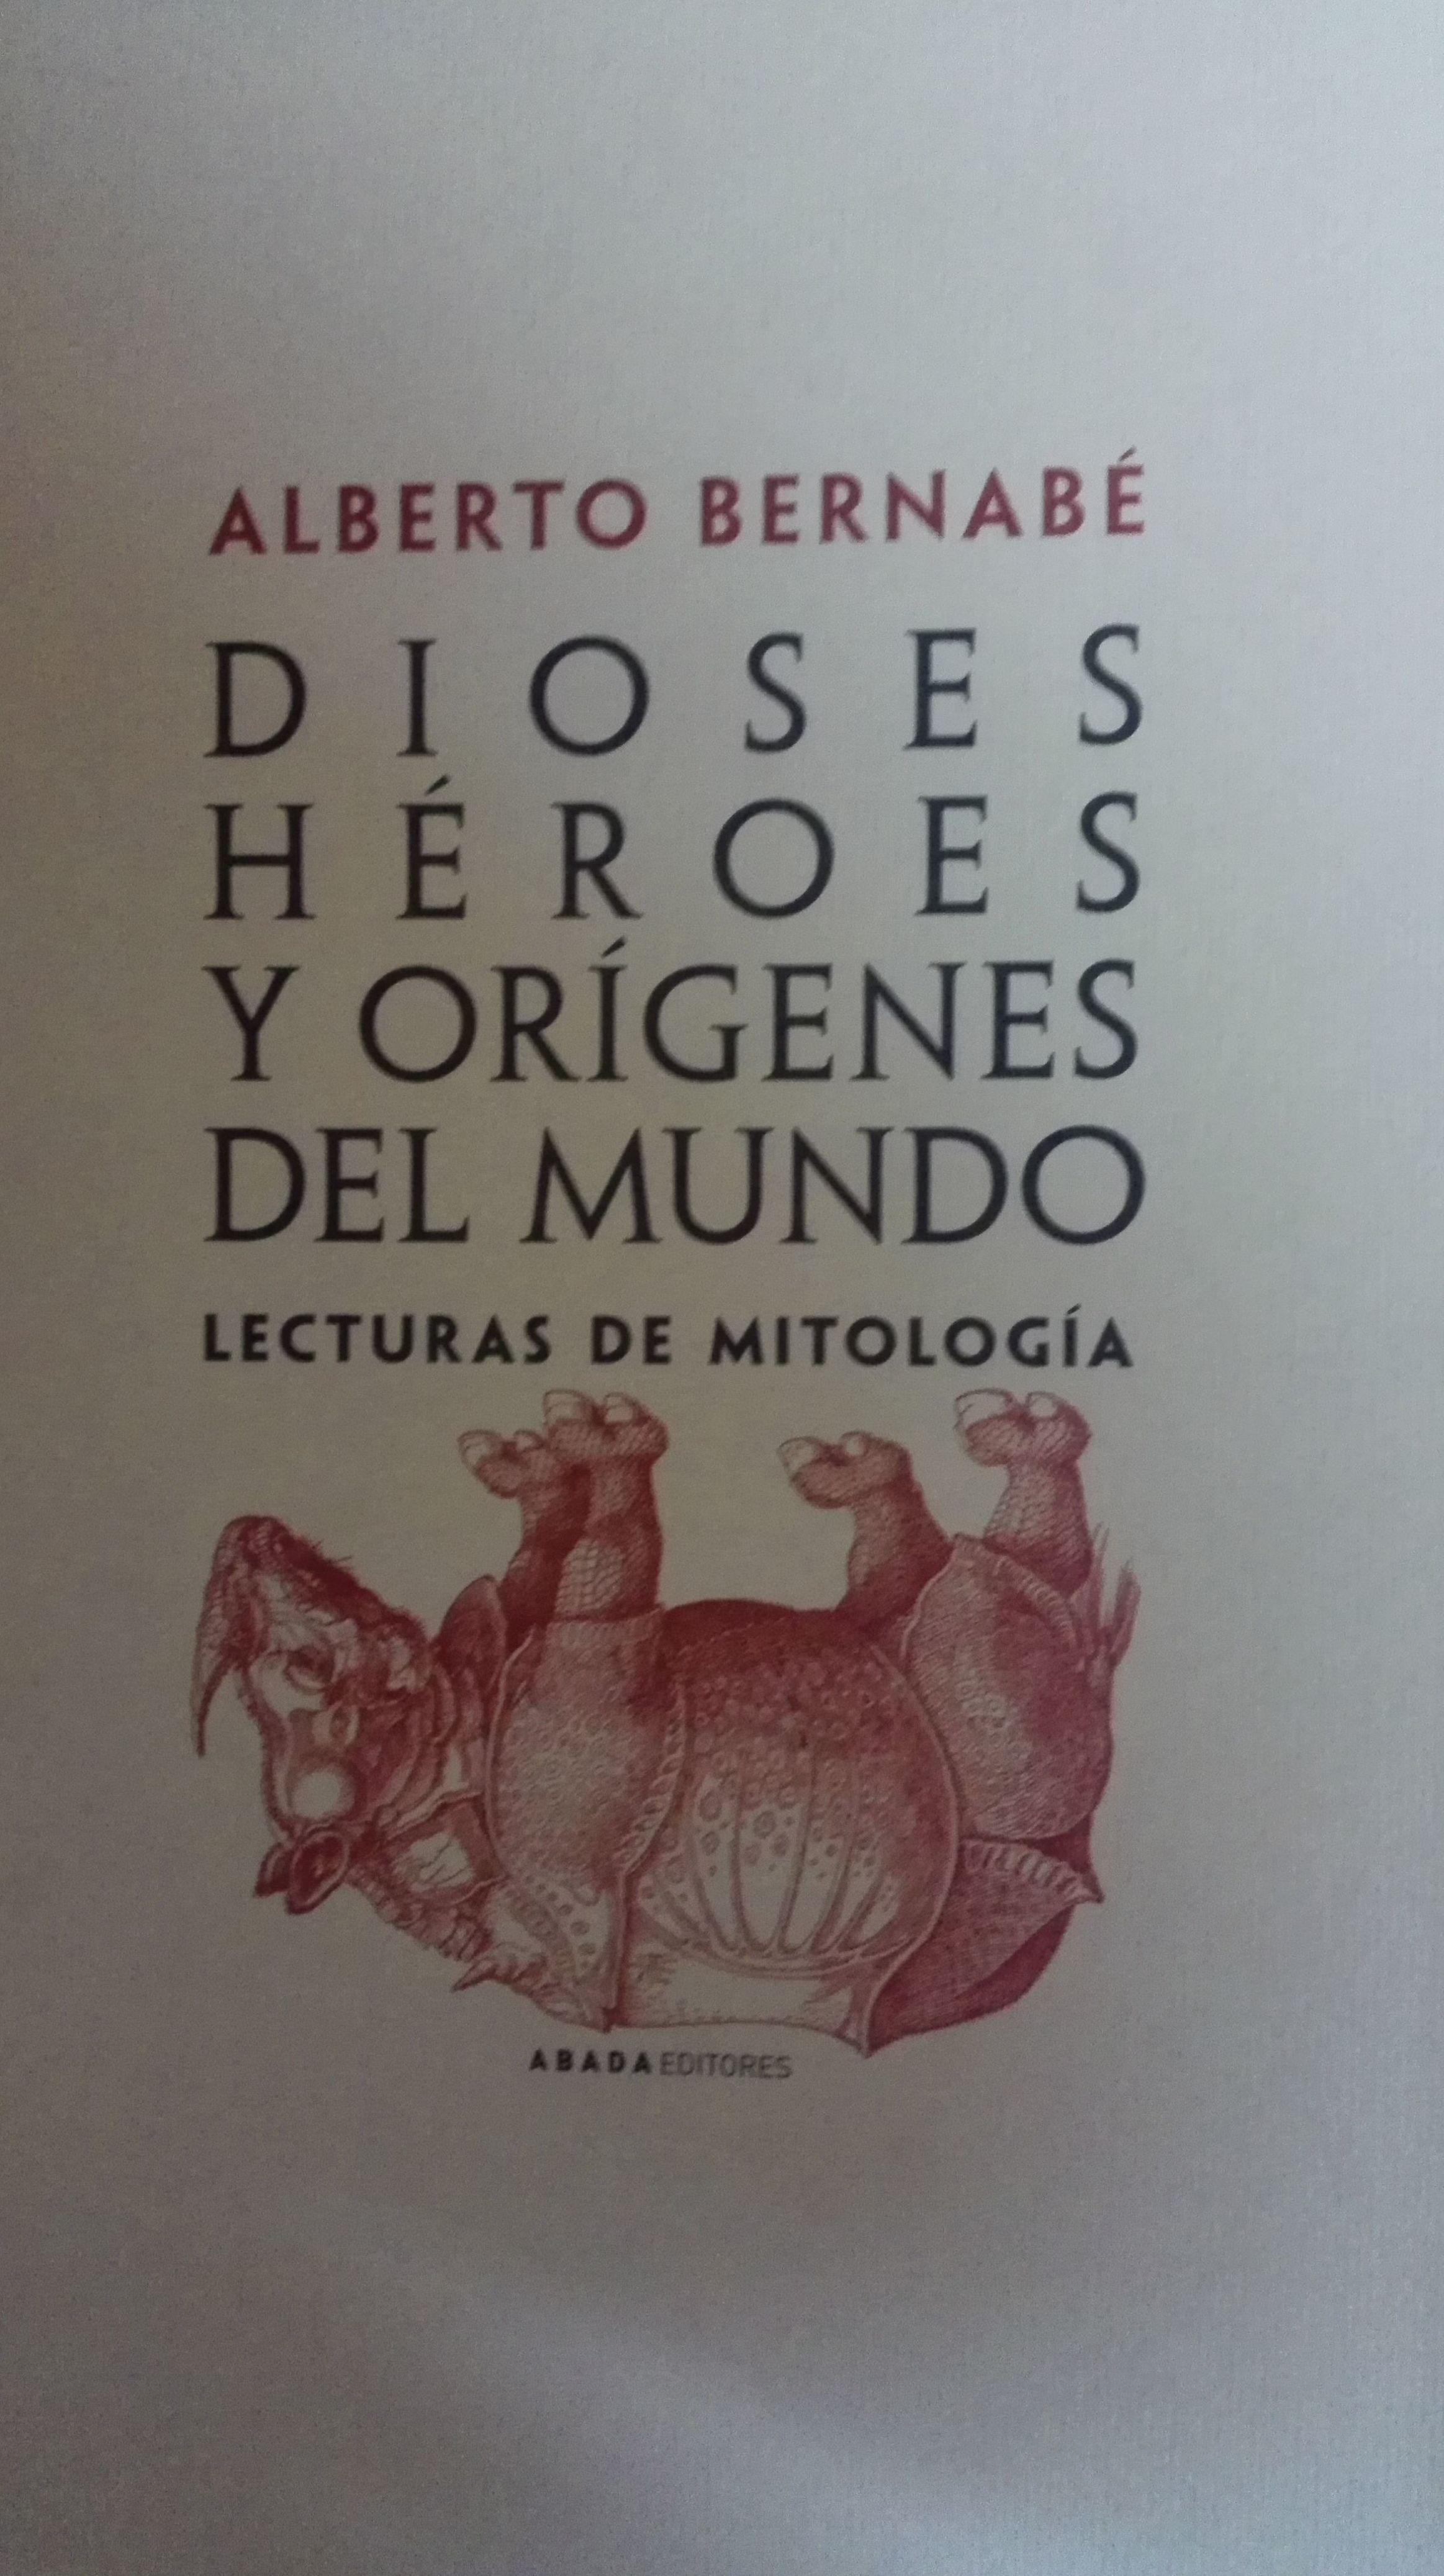 Dioses, Heroes y origenes del Mundo